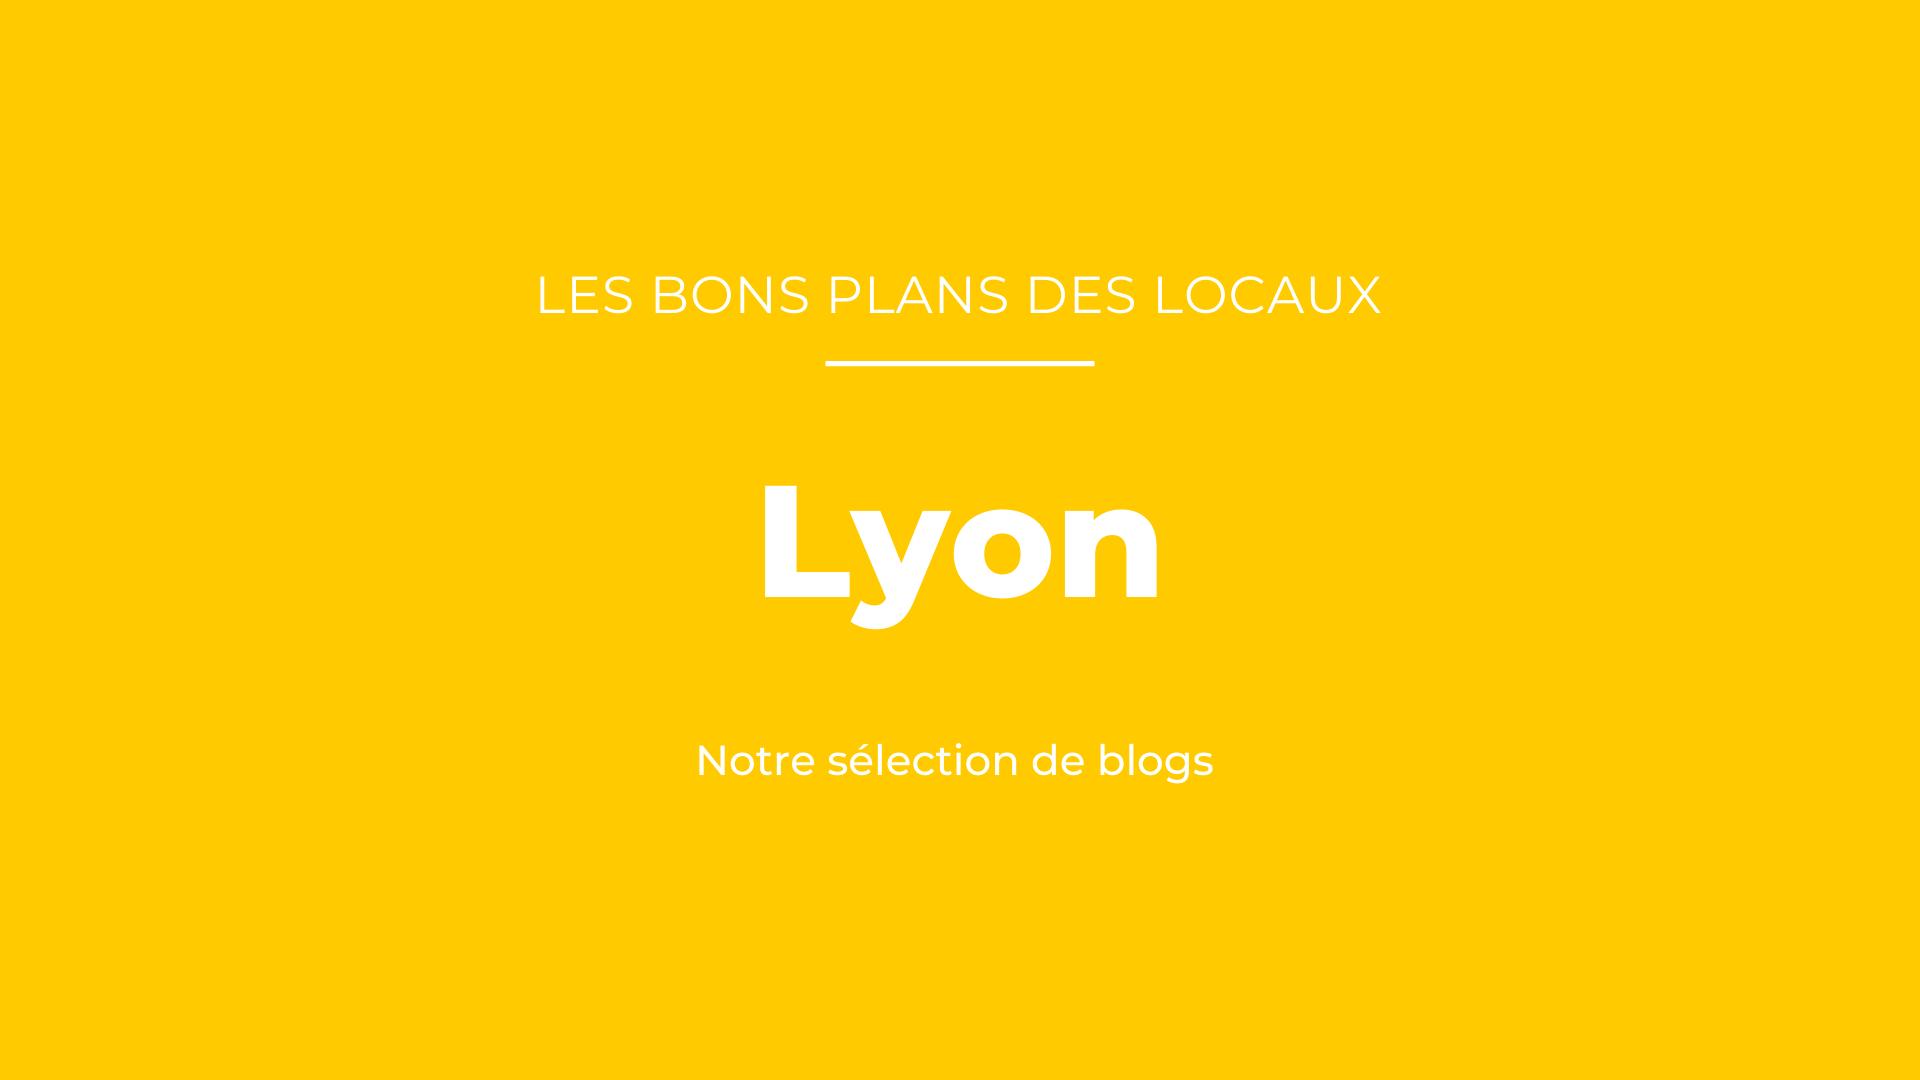 Bons plans des blogueurs Lyon